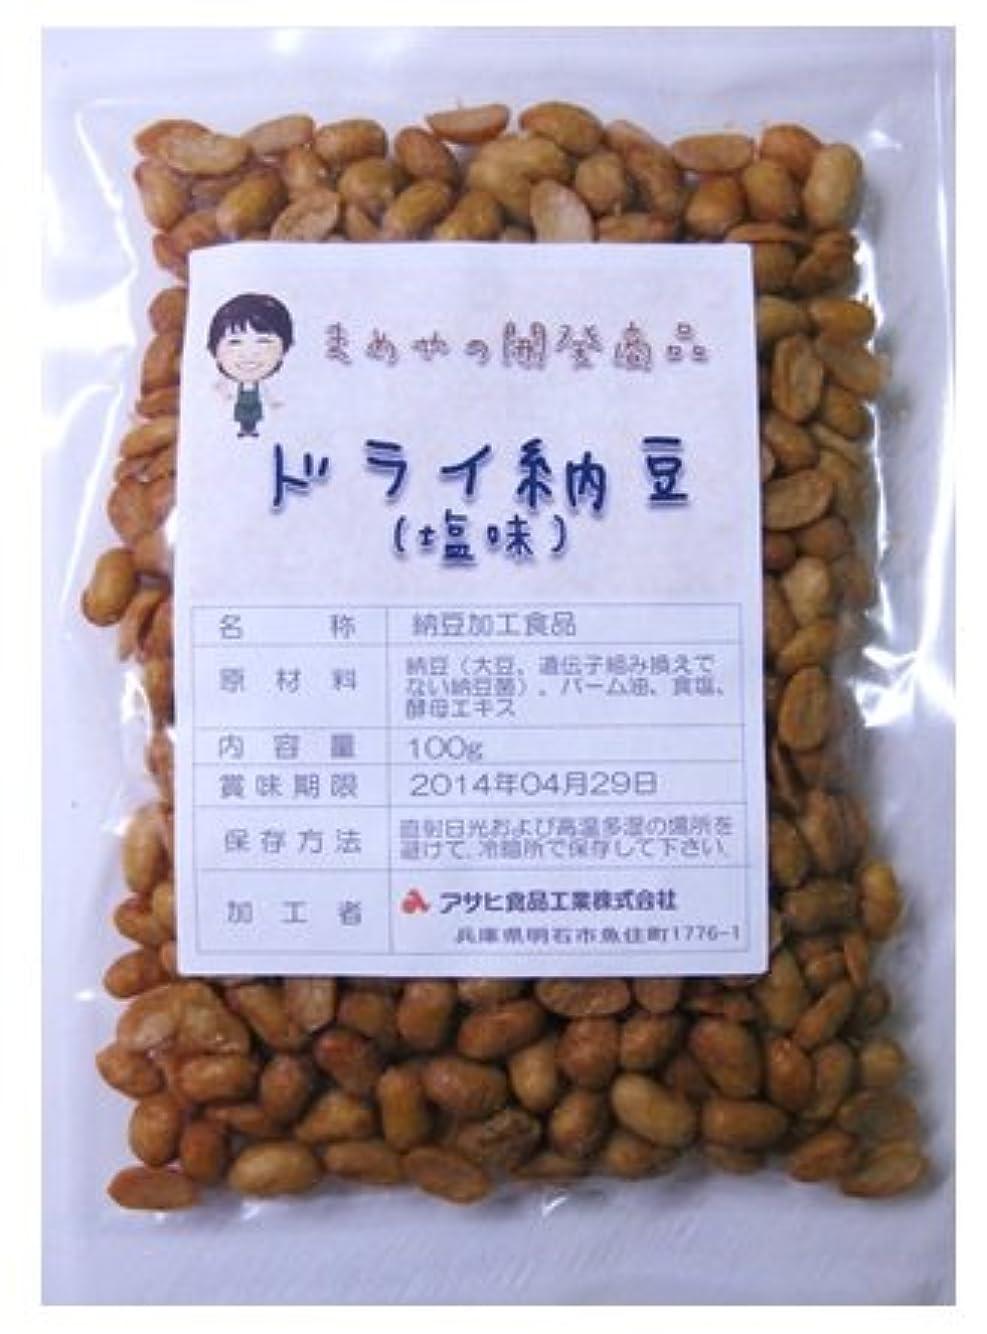 護衛チューリップ知り合いになる豆力 国内産 ドライ納豆(塩味) 100g